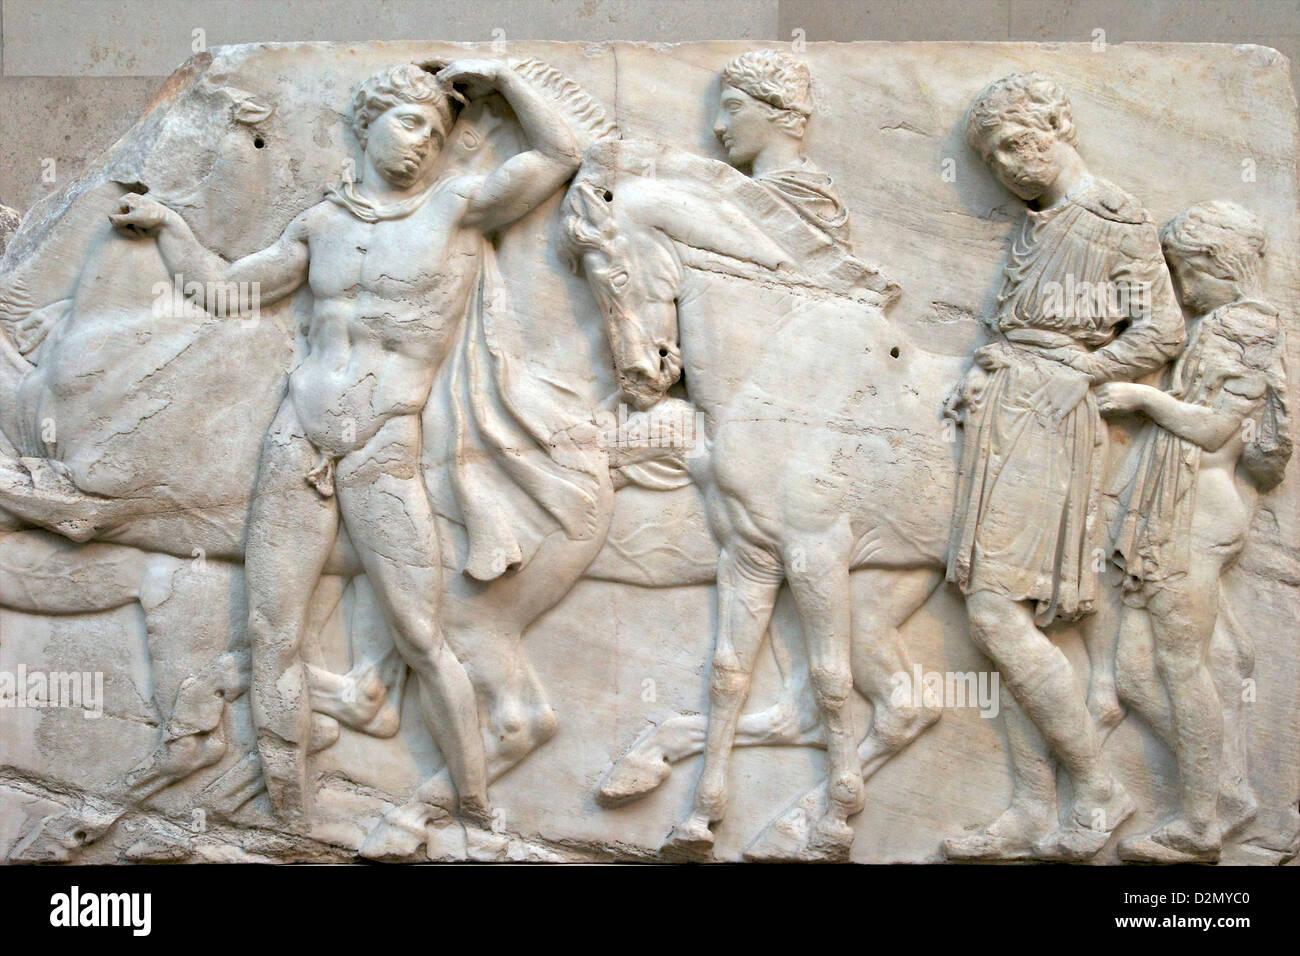 Vorbereitung für den Kampf, Nord-Fries, Parthenon, British Museum, London, England, UK, GB, Großbritannien Stockbild